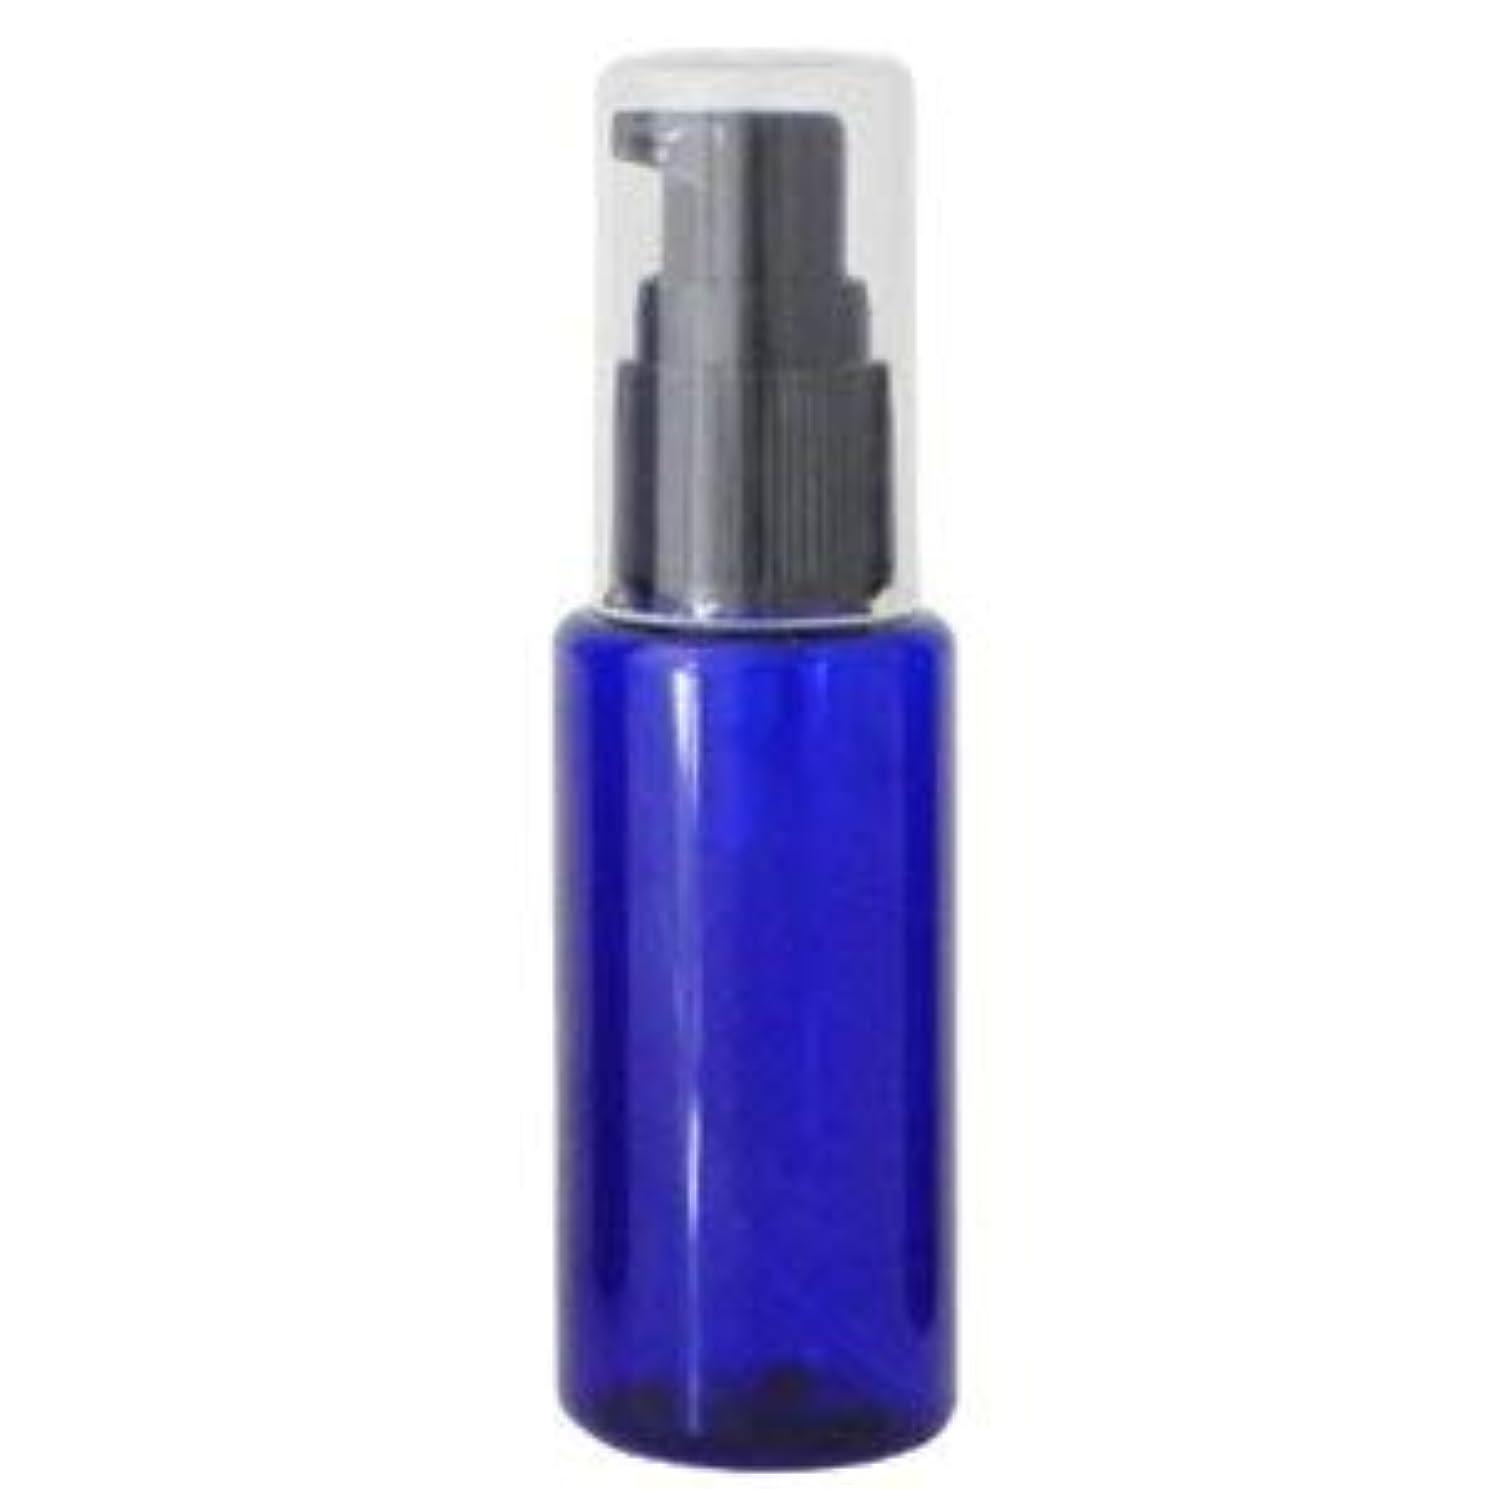 中にこれまで粘液PETボトル ポンプ コバルトブルー (青) 50ml